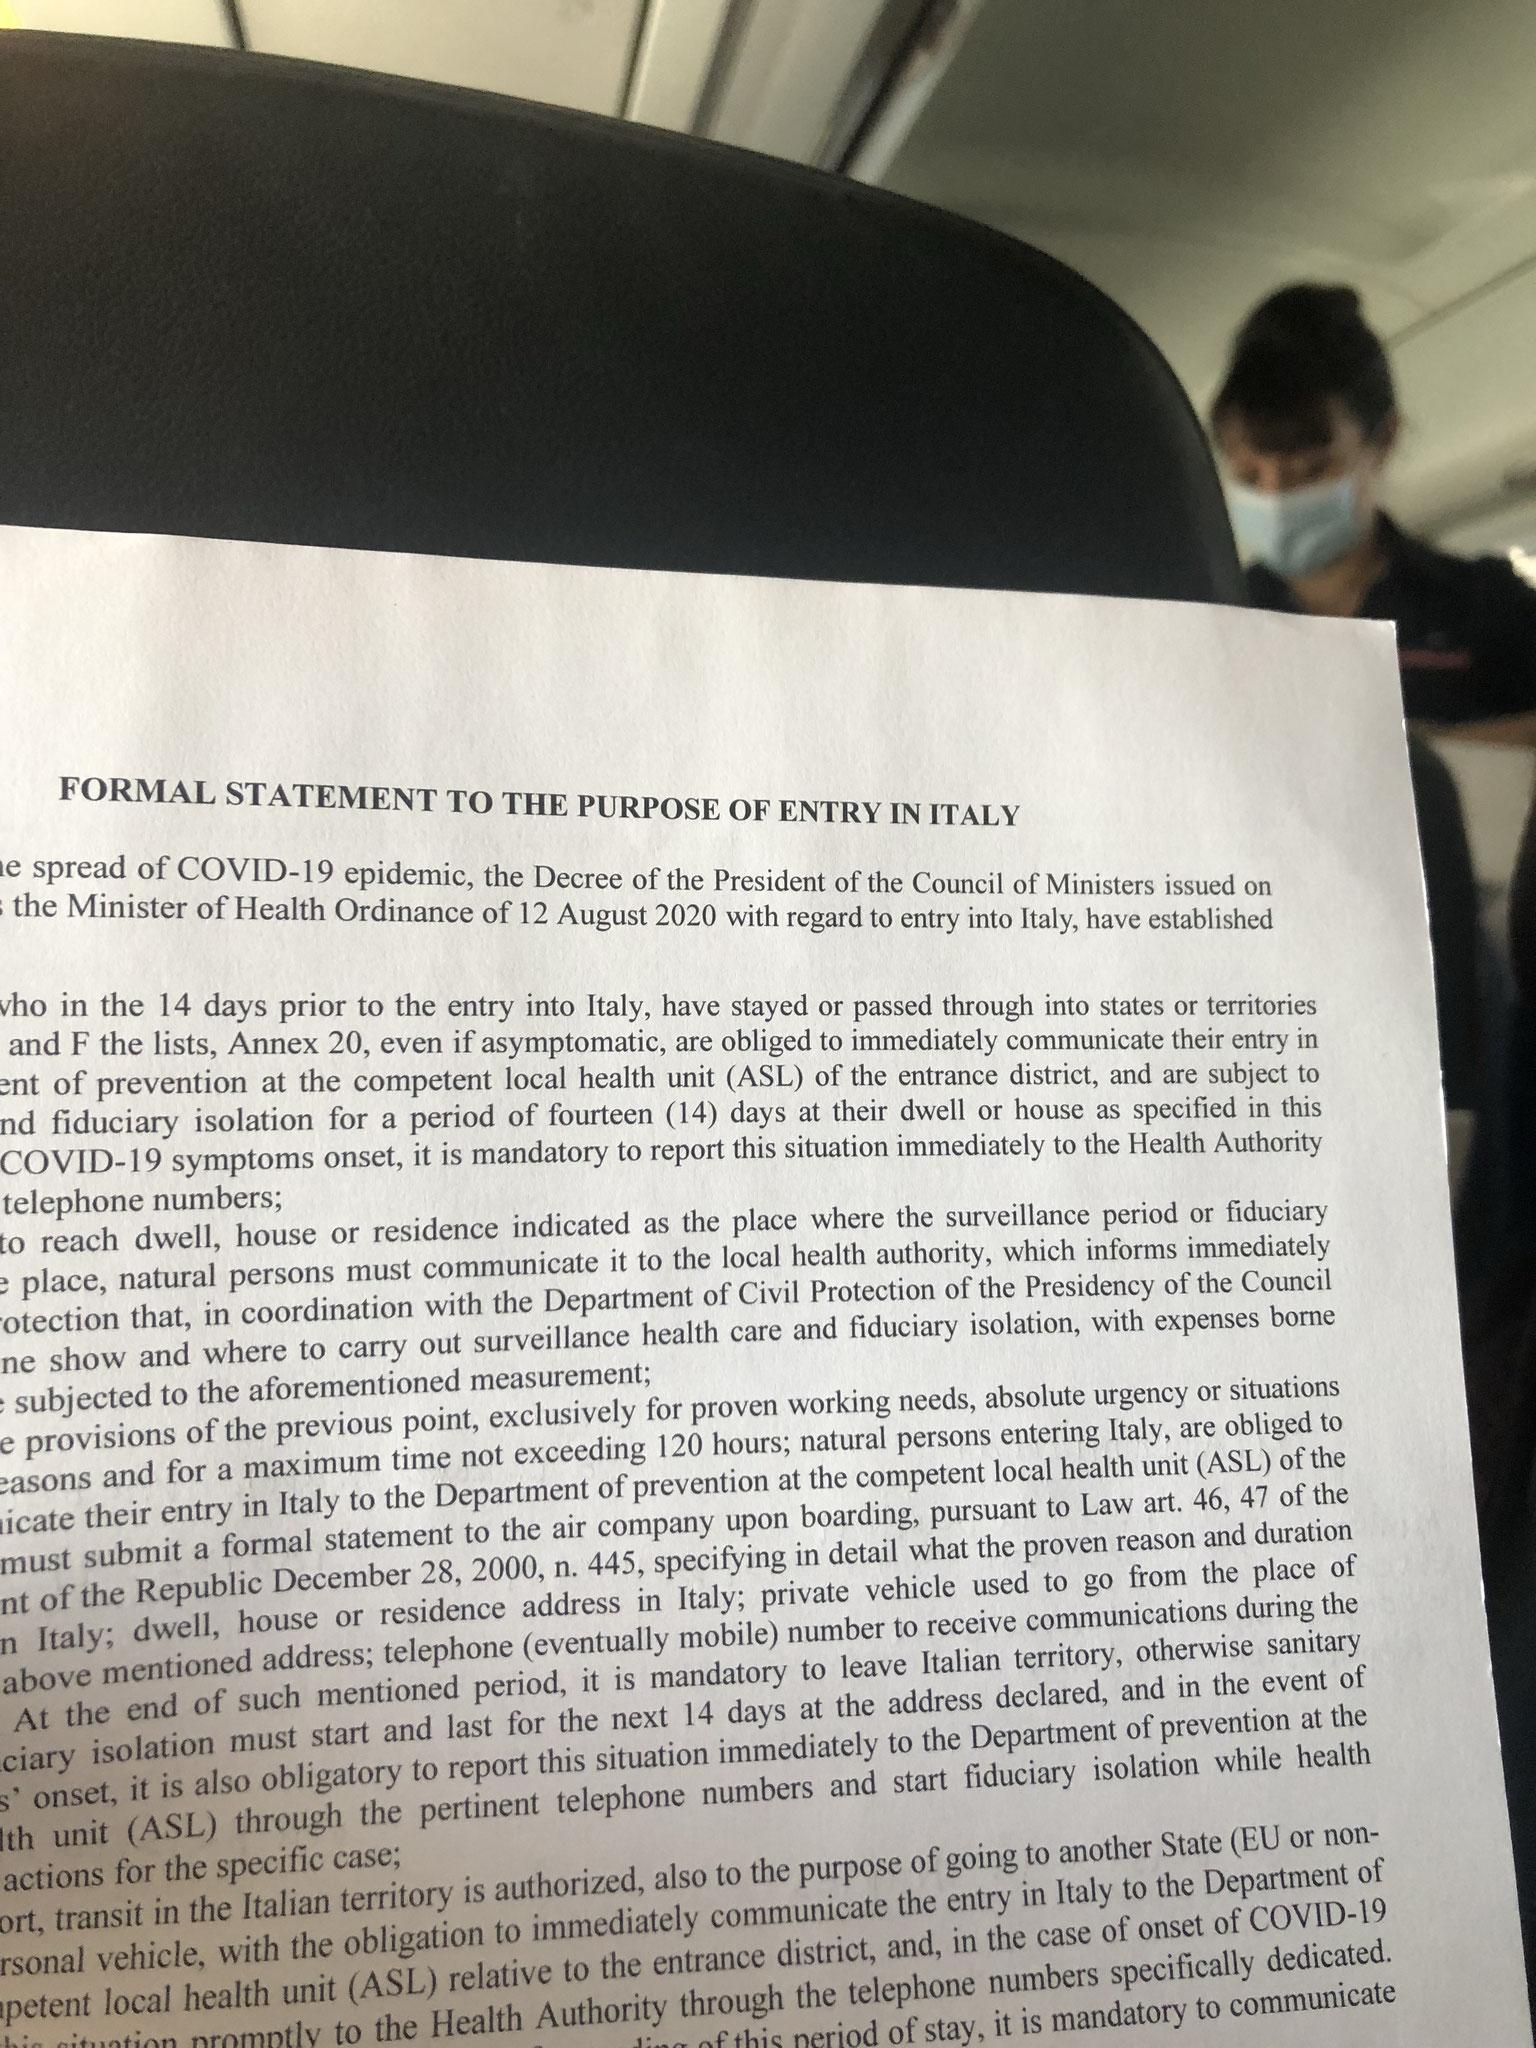 イタリア入国のための自己申告書